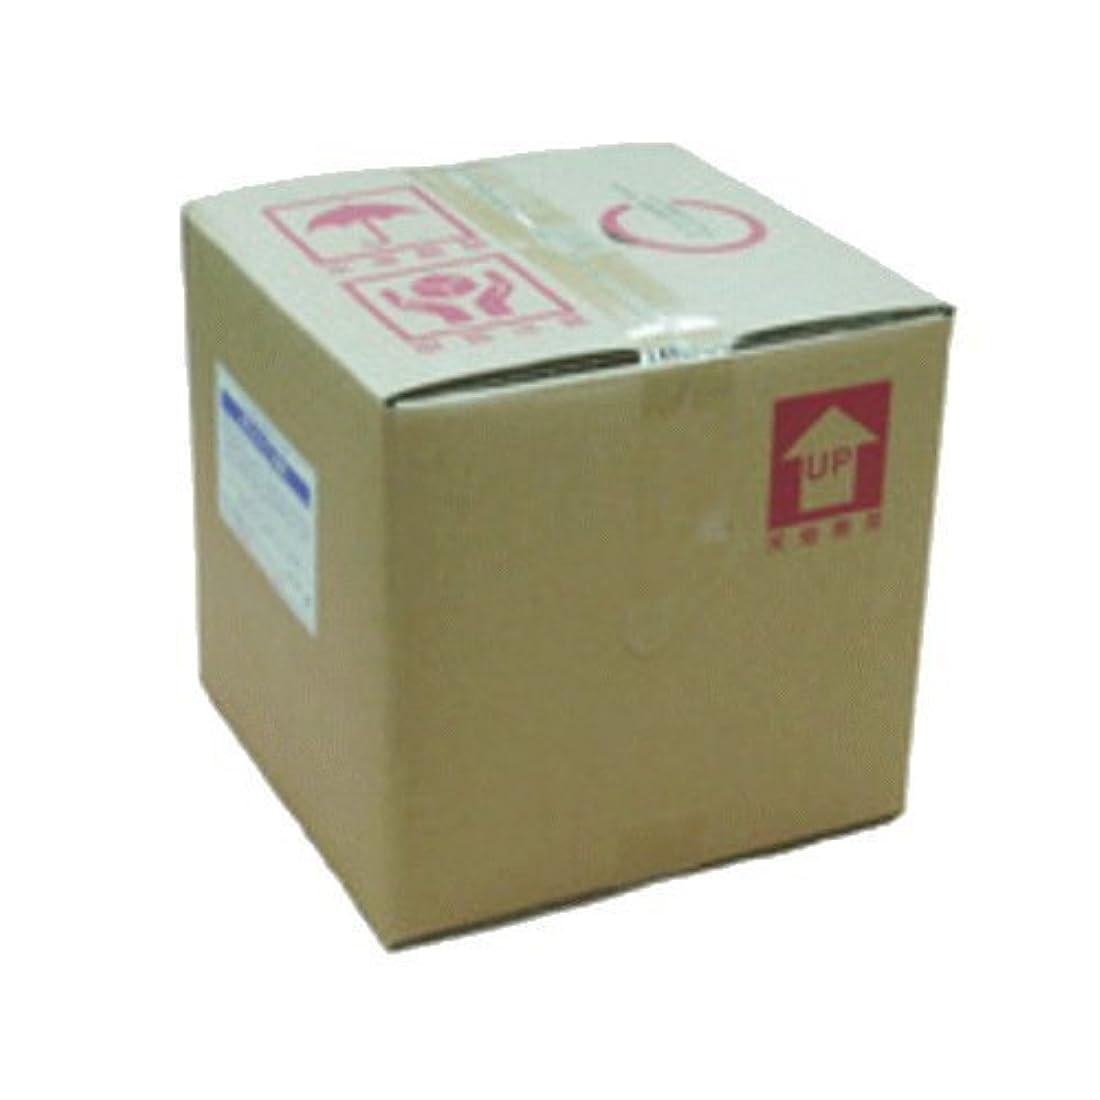 精査するペグフィードオンウインドヒル 業務用コンディショナー(リンス) オレンジA-1 20L